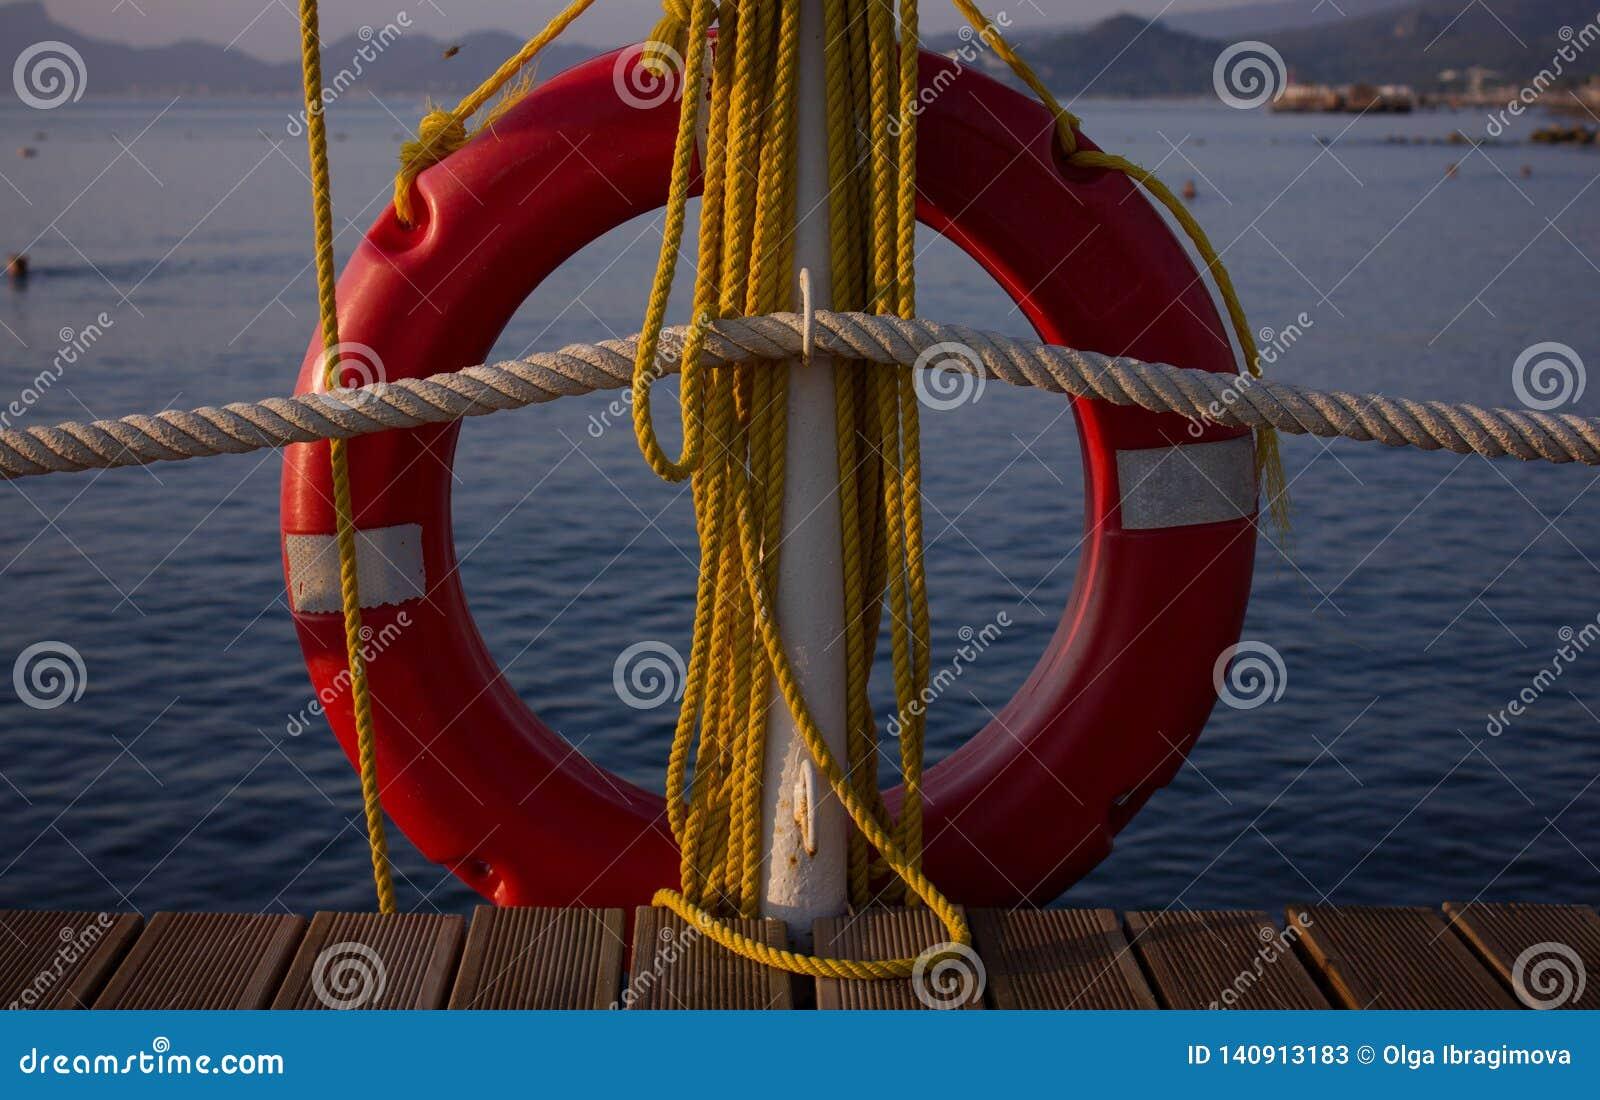 Красные lifebuoy и желтые веревочки висят на пристани